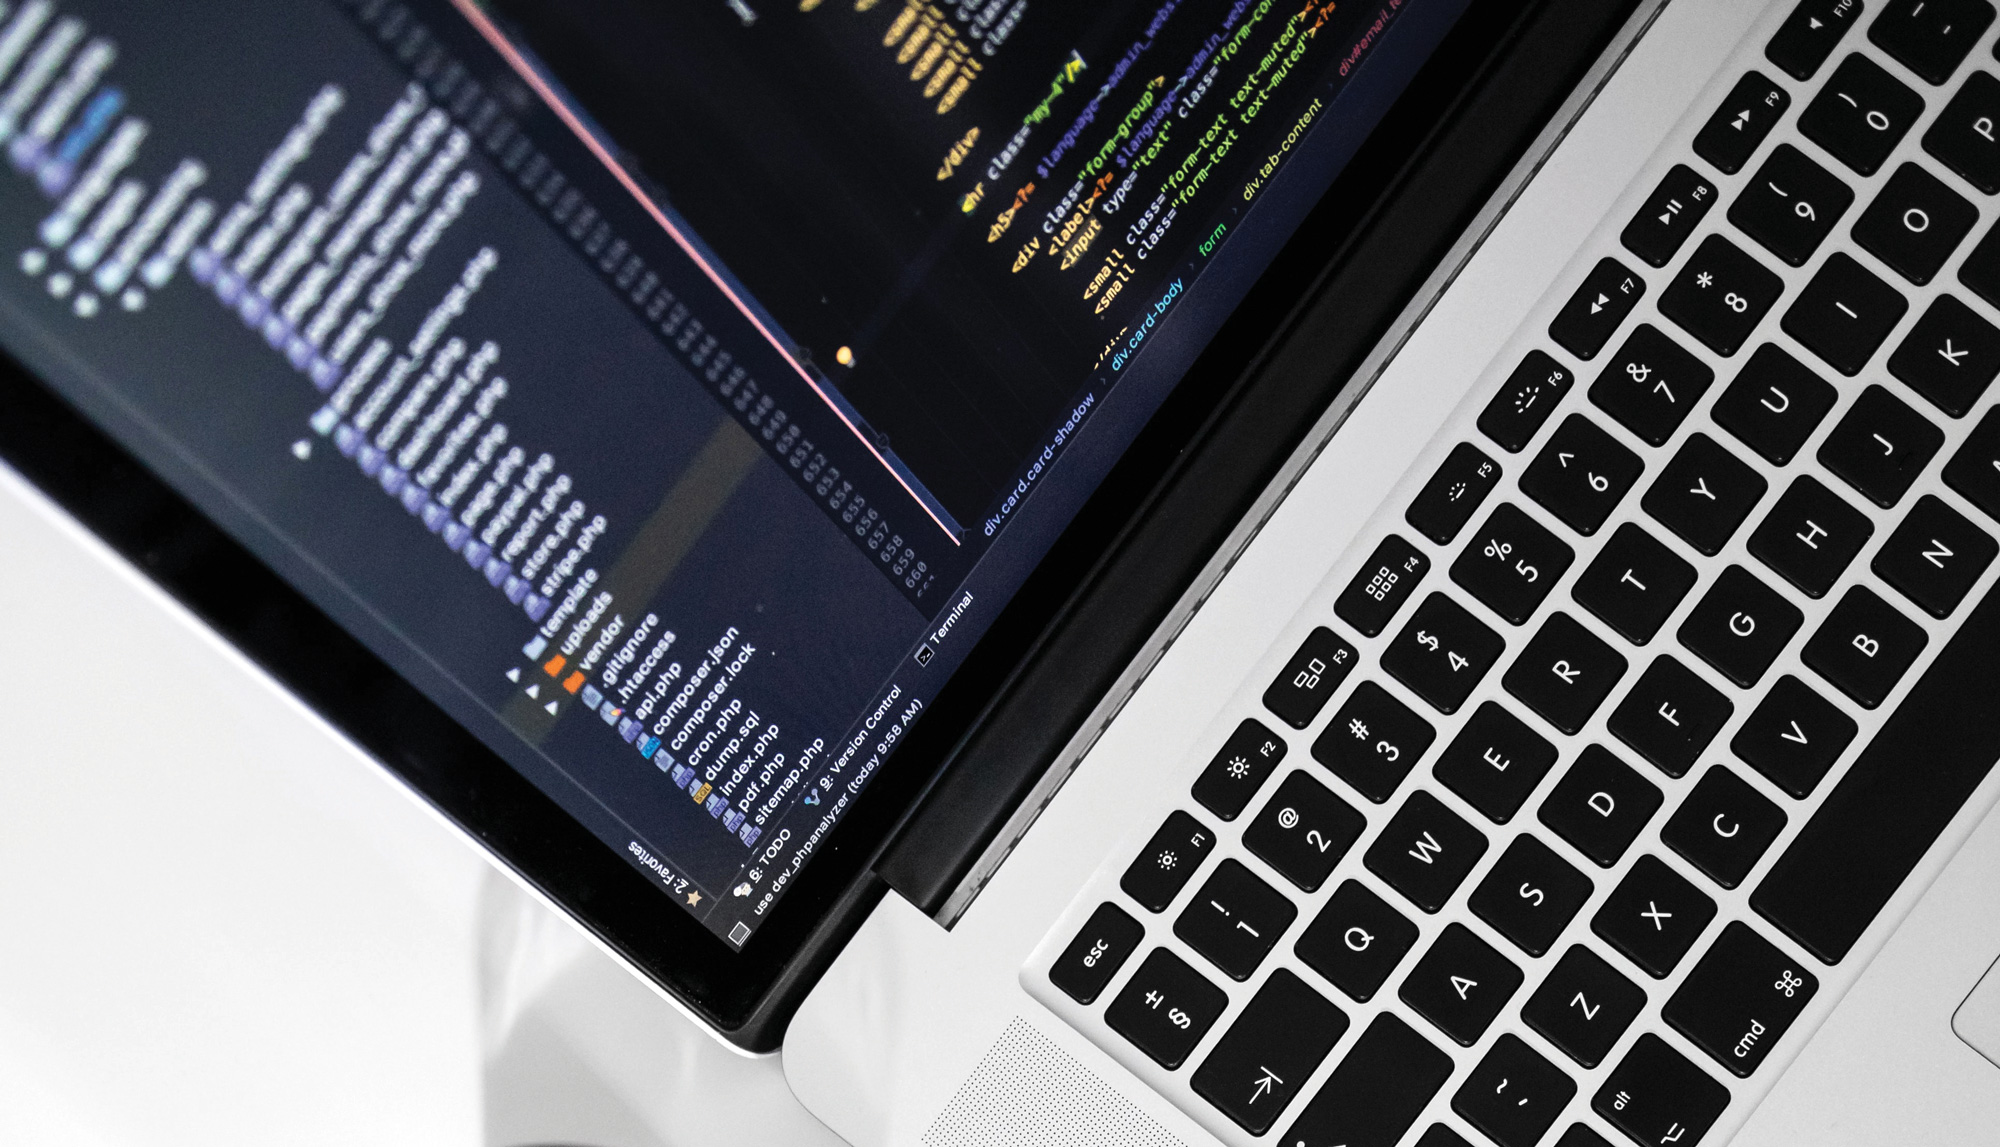 (디지털컨버전스) 자바(Java) & 스프링(Spring)프레임워크 개발자 양성과정